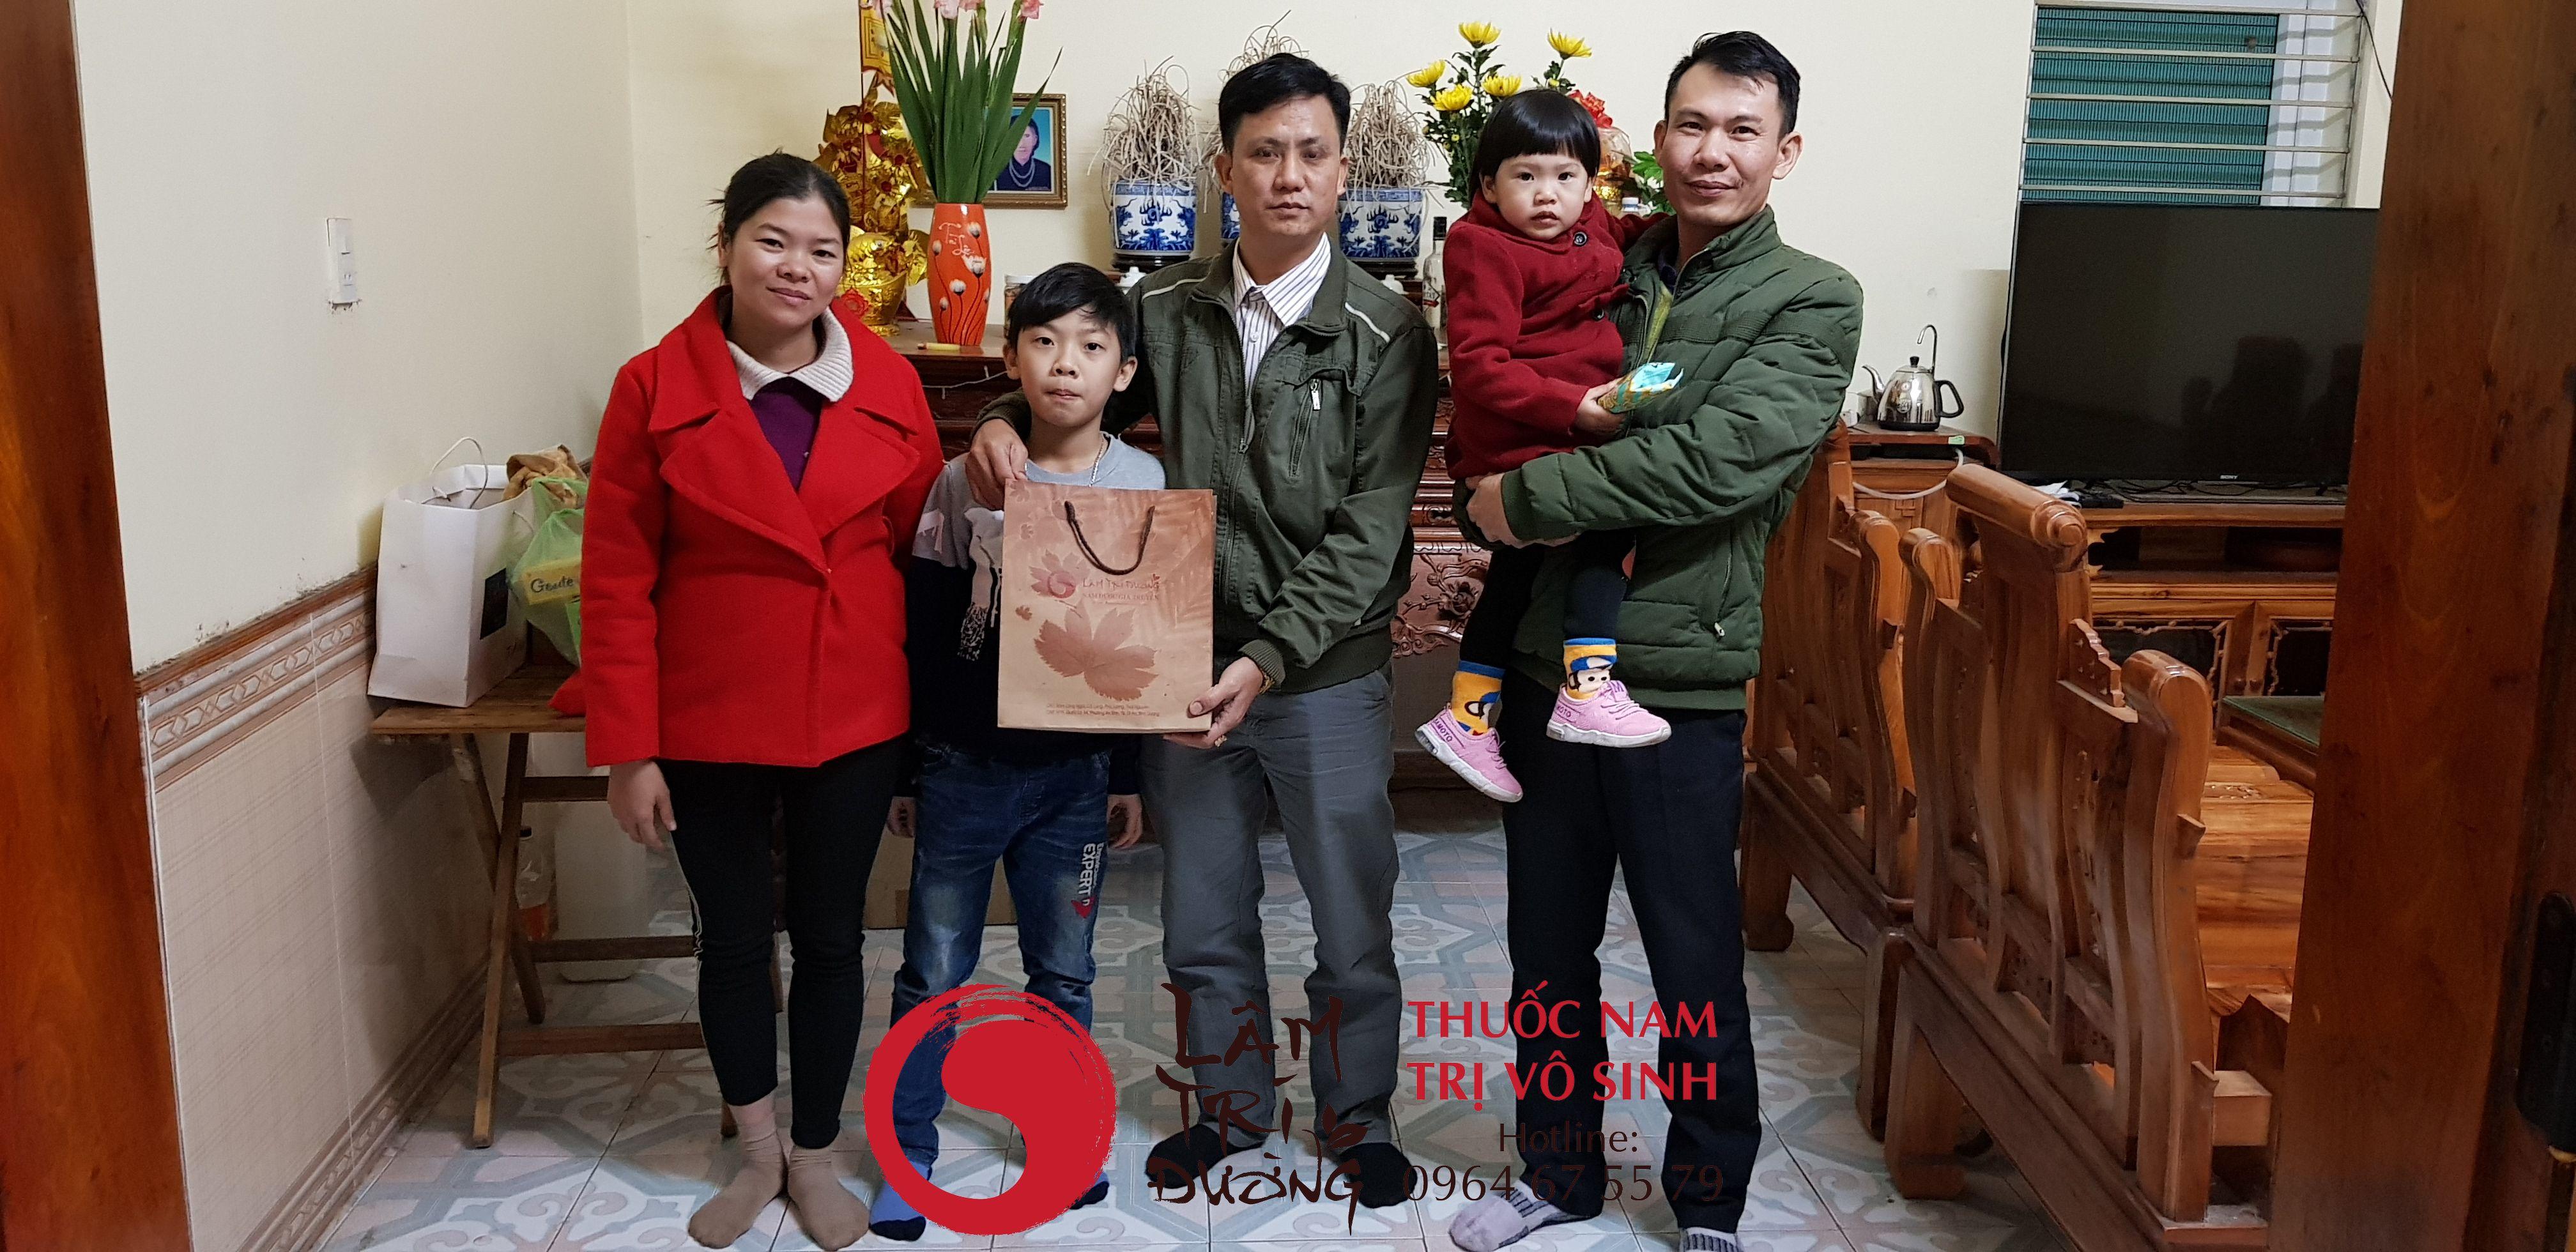 20180110 215225 result - Lâm Trí Đường Đã Làm Gì Cho Người Bệnh